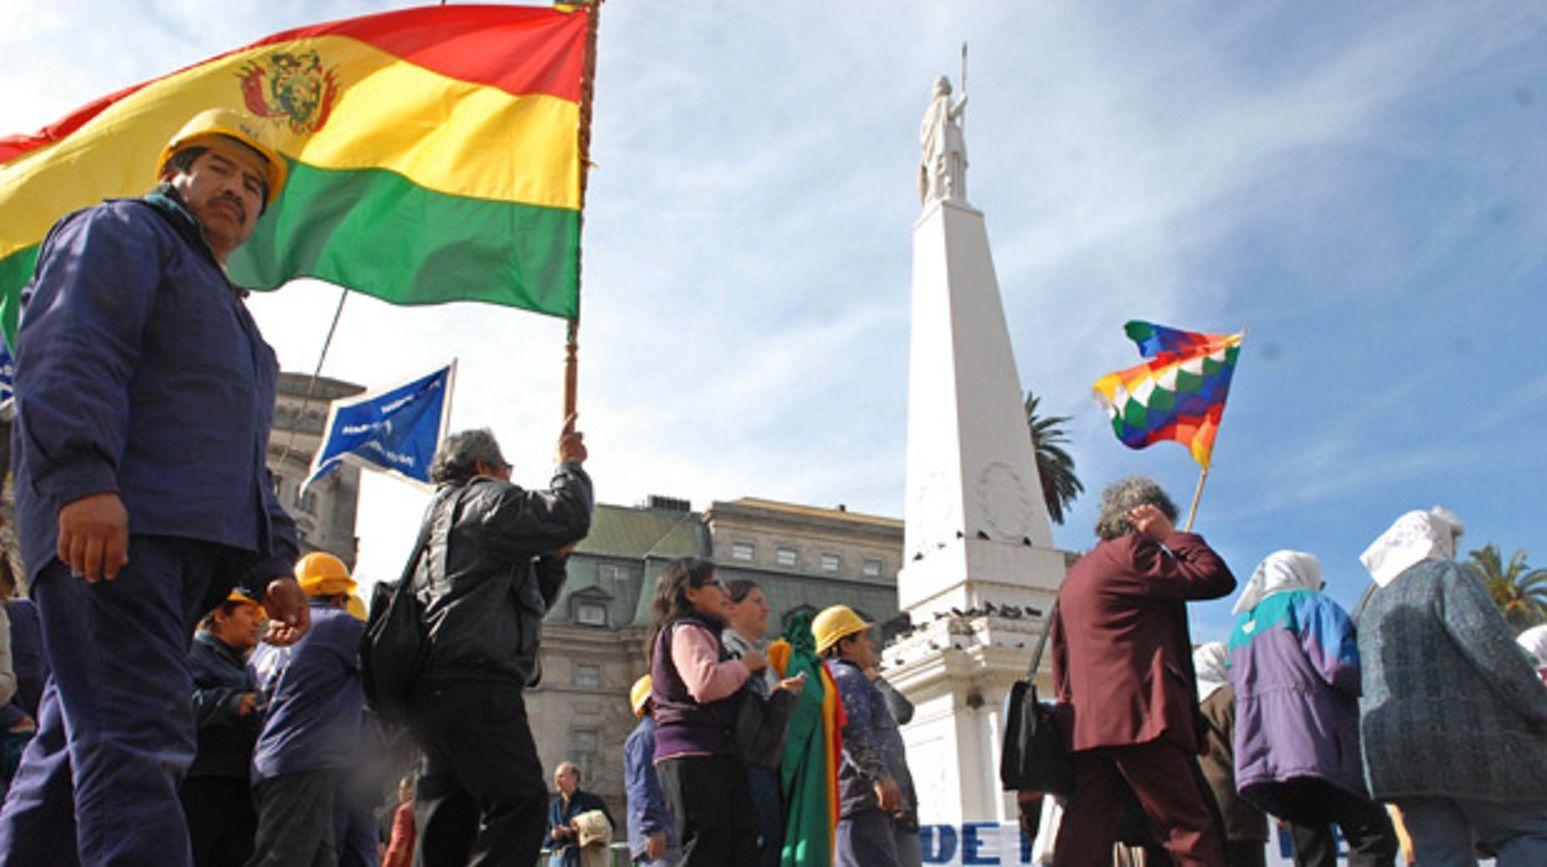 Inmigrantes bolivianos, paraguayos y europeos: un sondeo revela cuándo y cómo discriminamos los argentinos